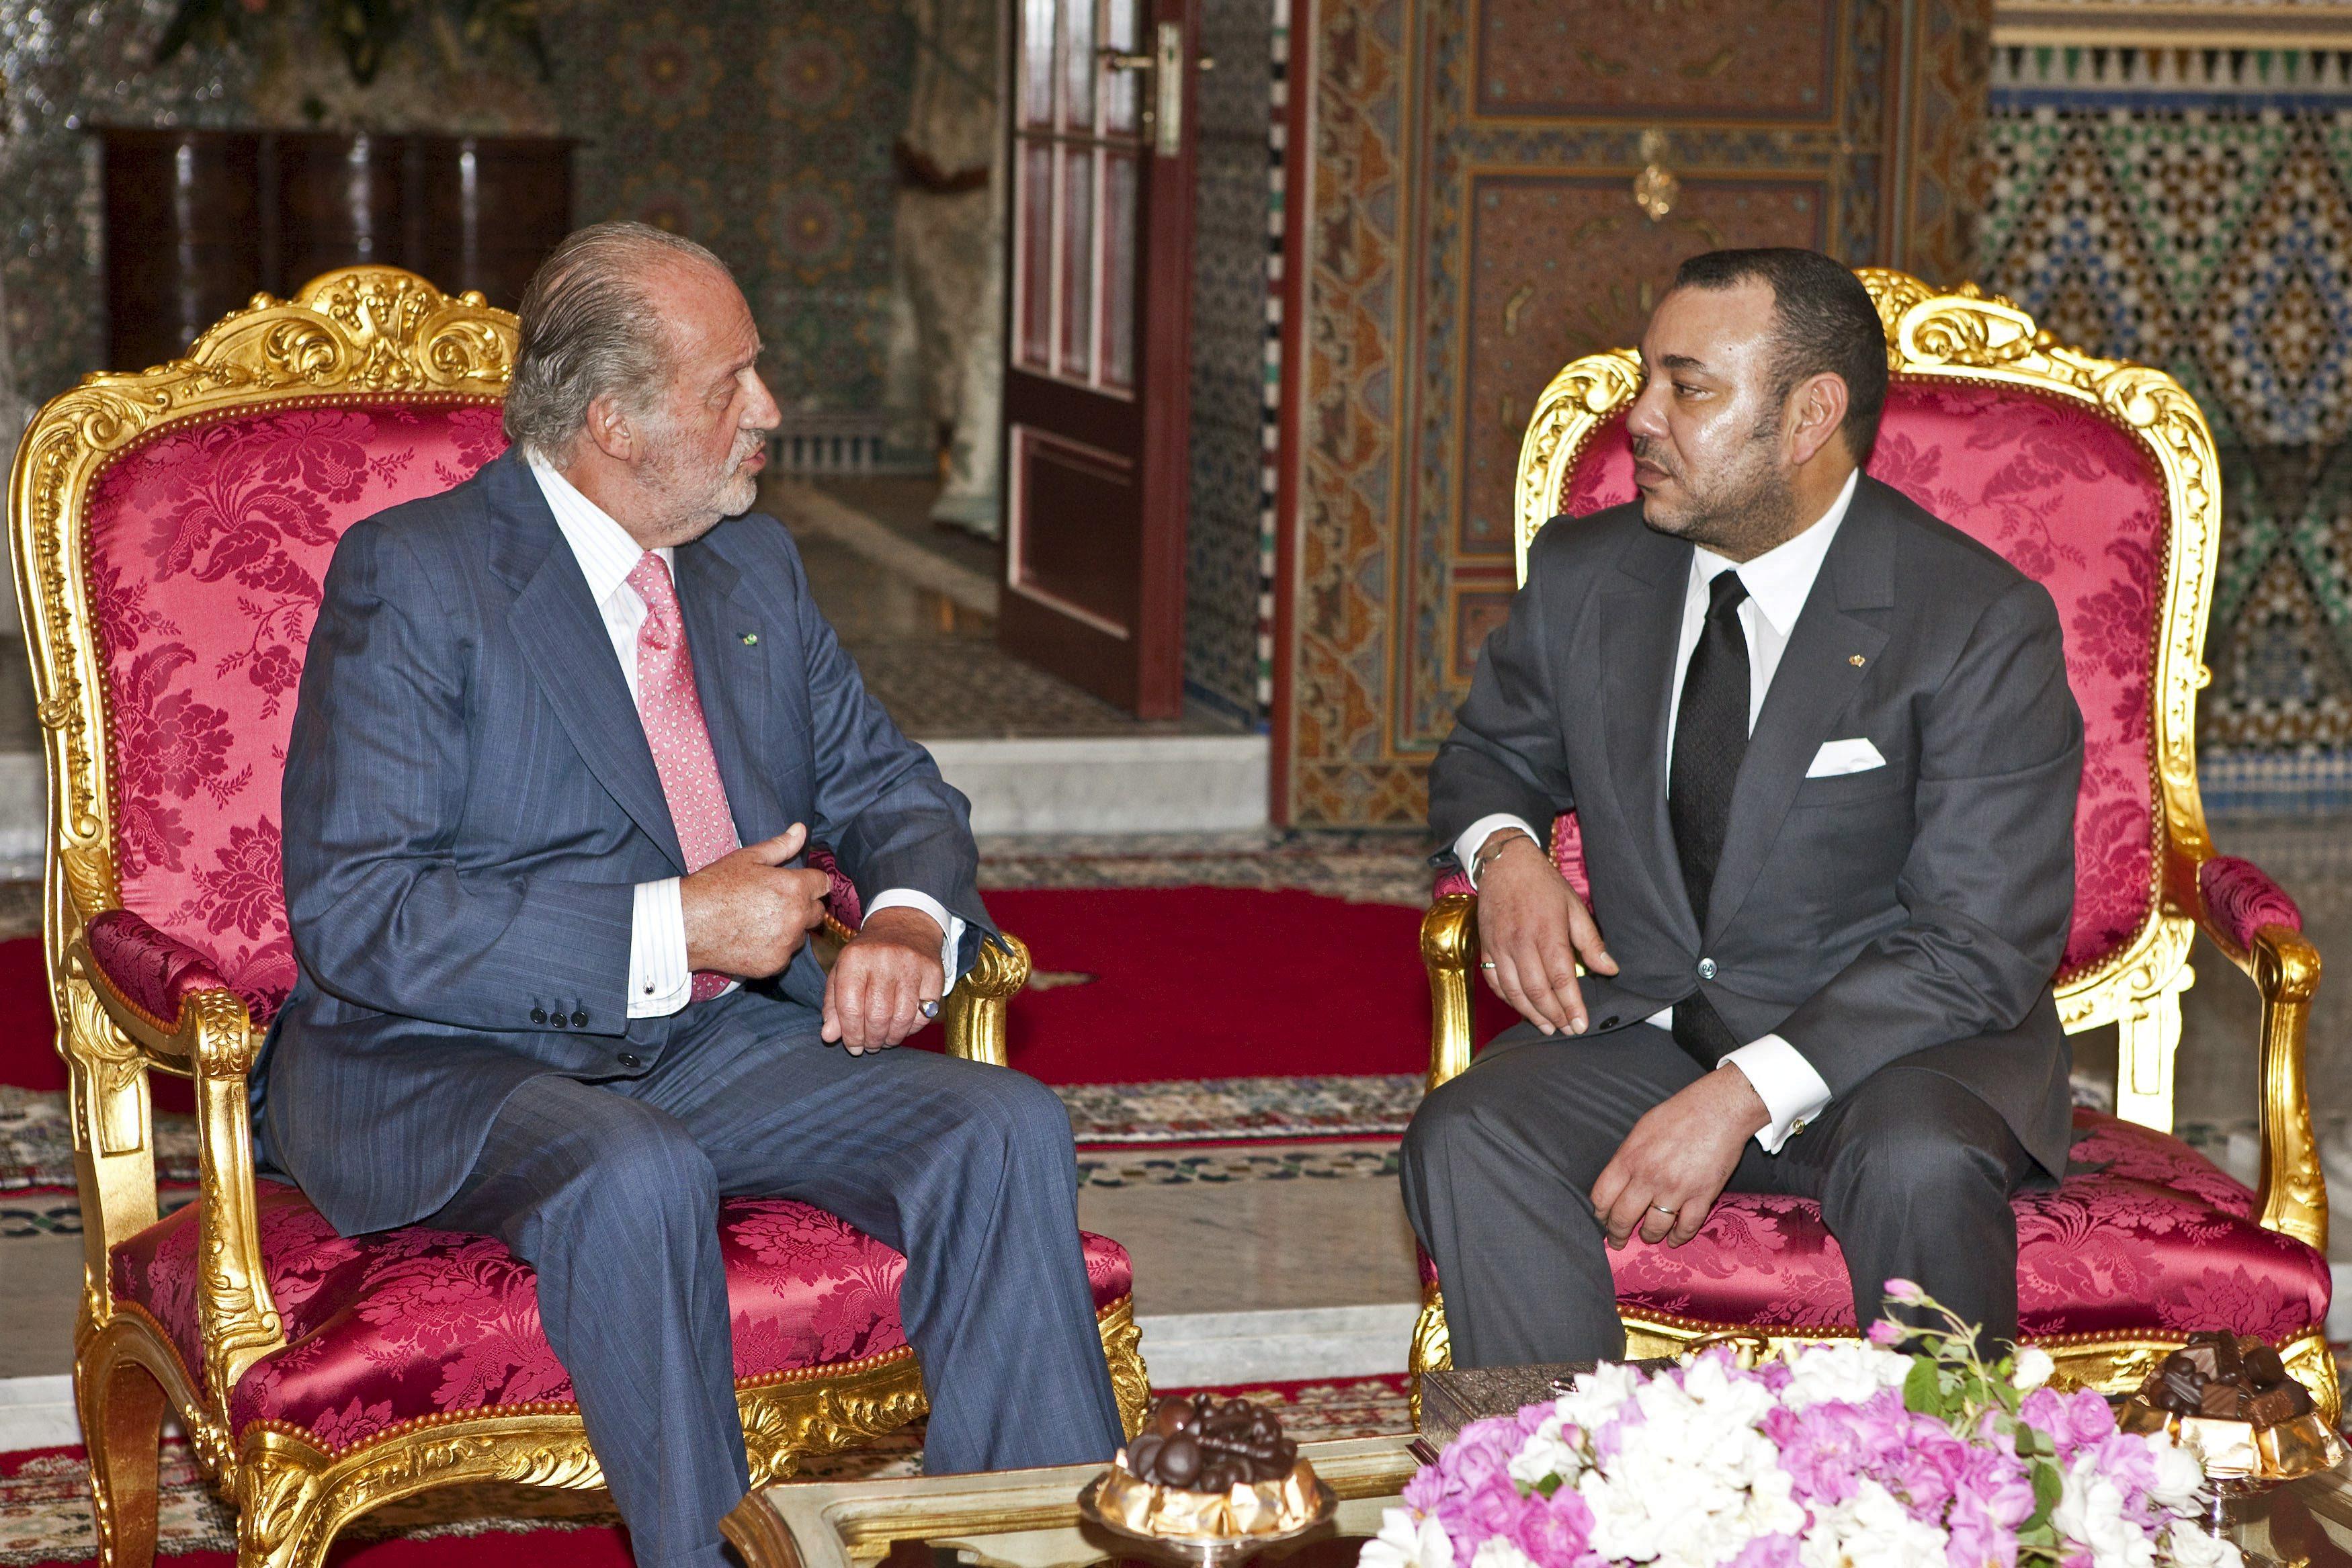 El Rey visitará Marruecos el 15 de julio en su primer viaje tras la operación